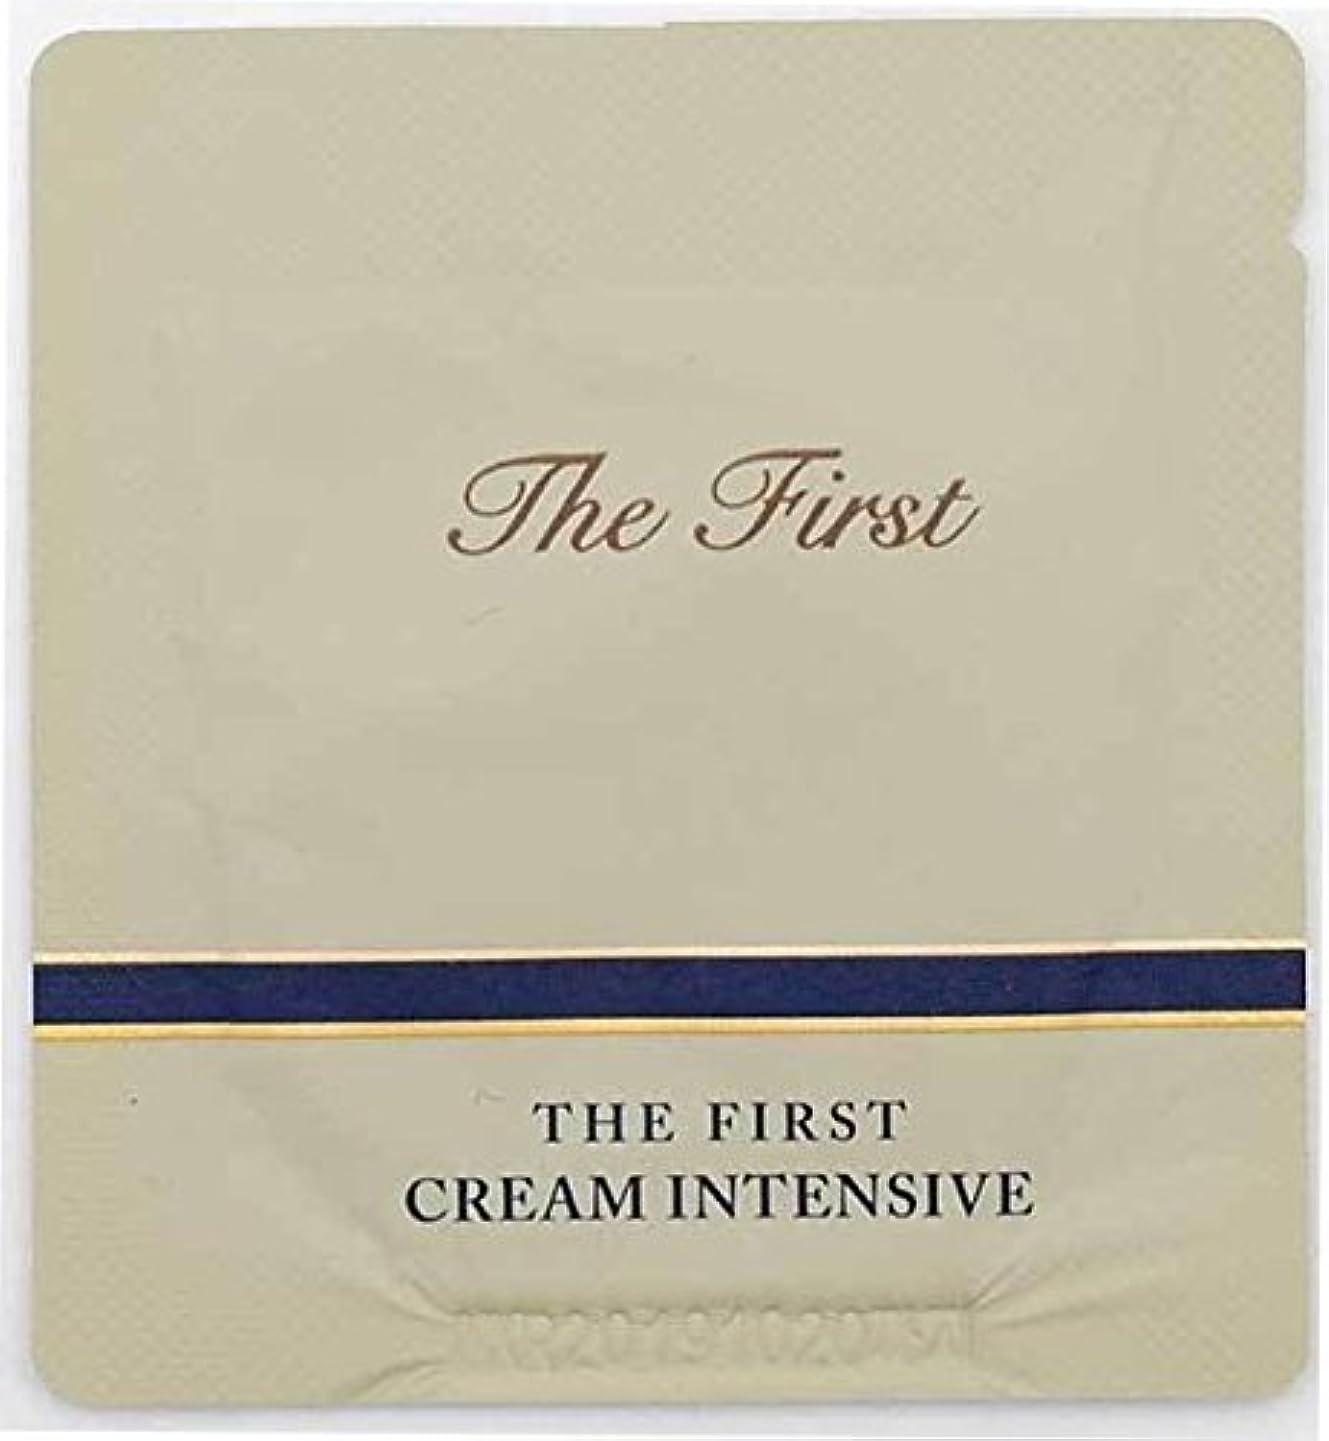 三番種類通路[サンプル] OHUI The First Cream intensive 1ml × 30ea/オフィ ザ ファースト クリーム インテンシブ 1ml × 30個